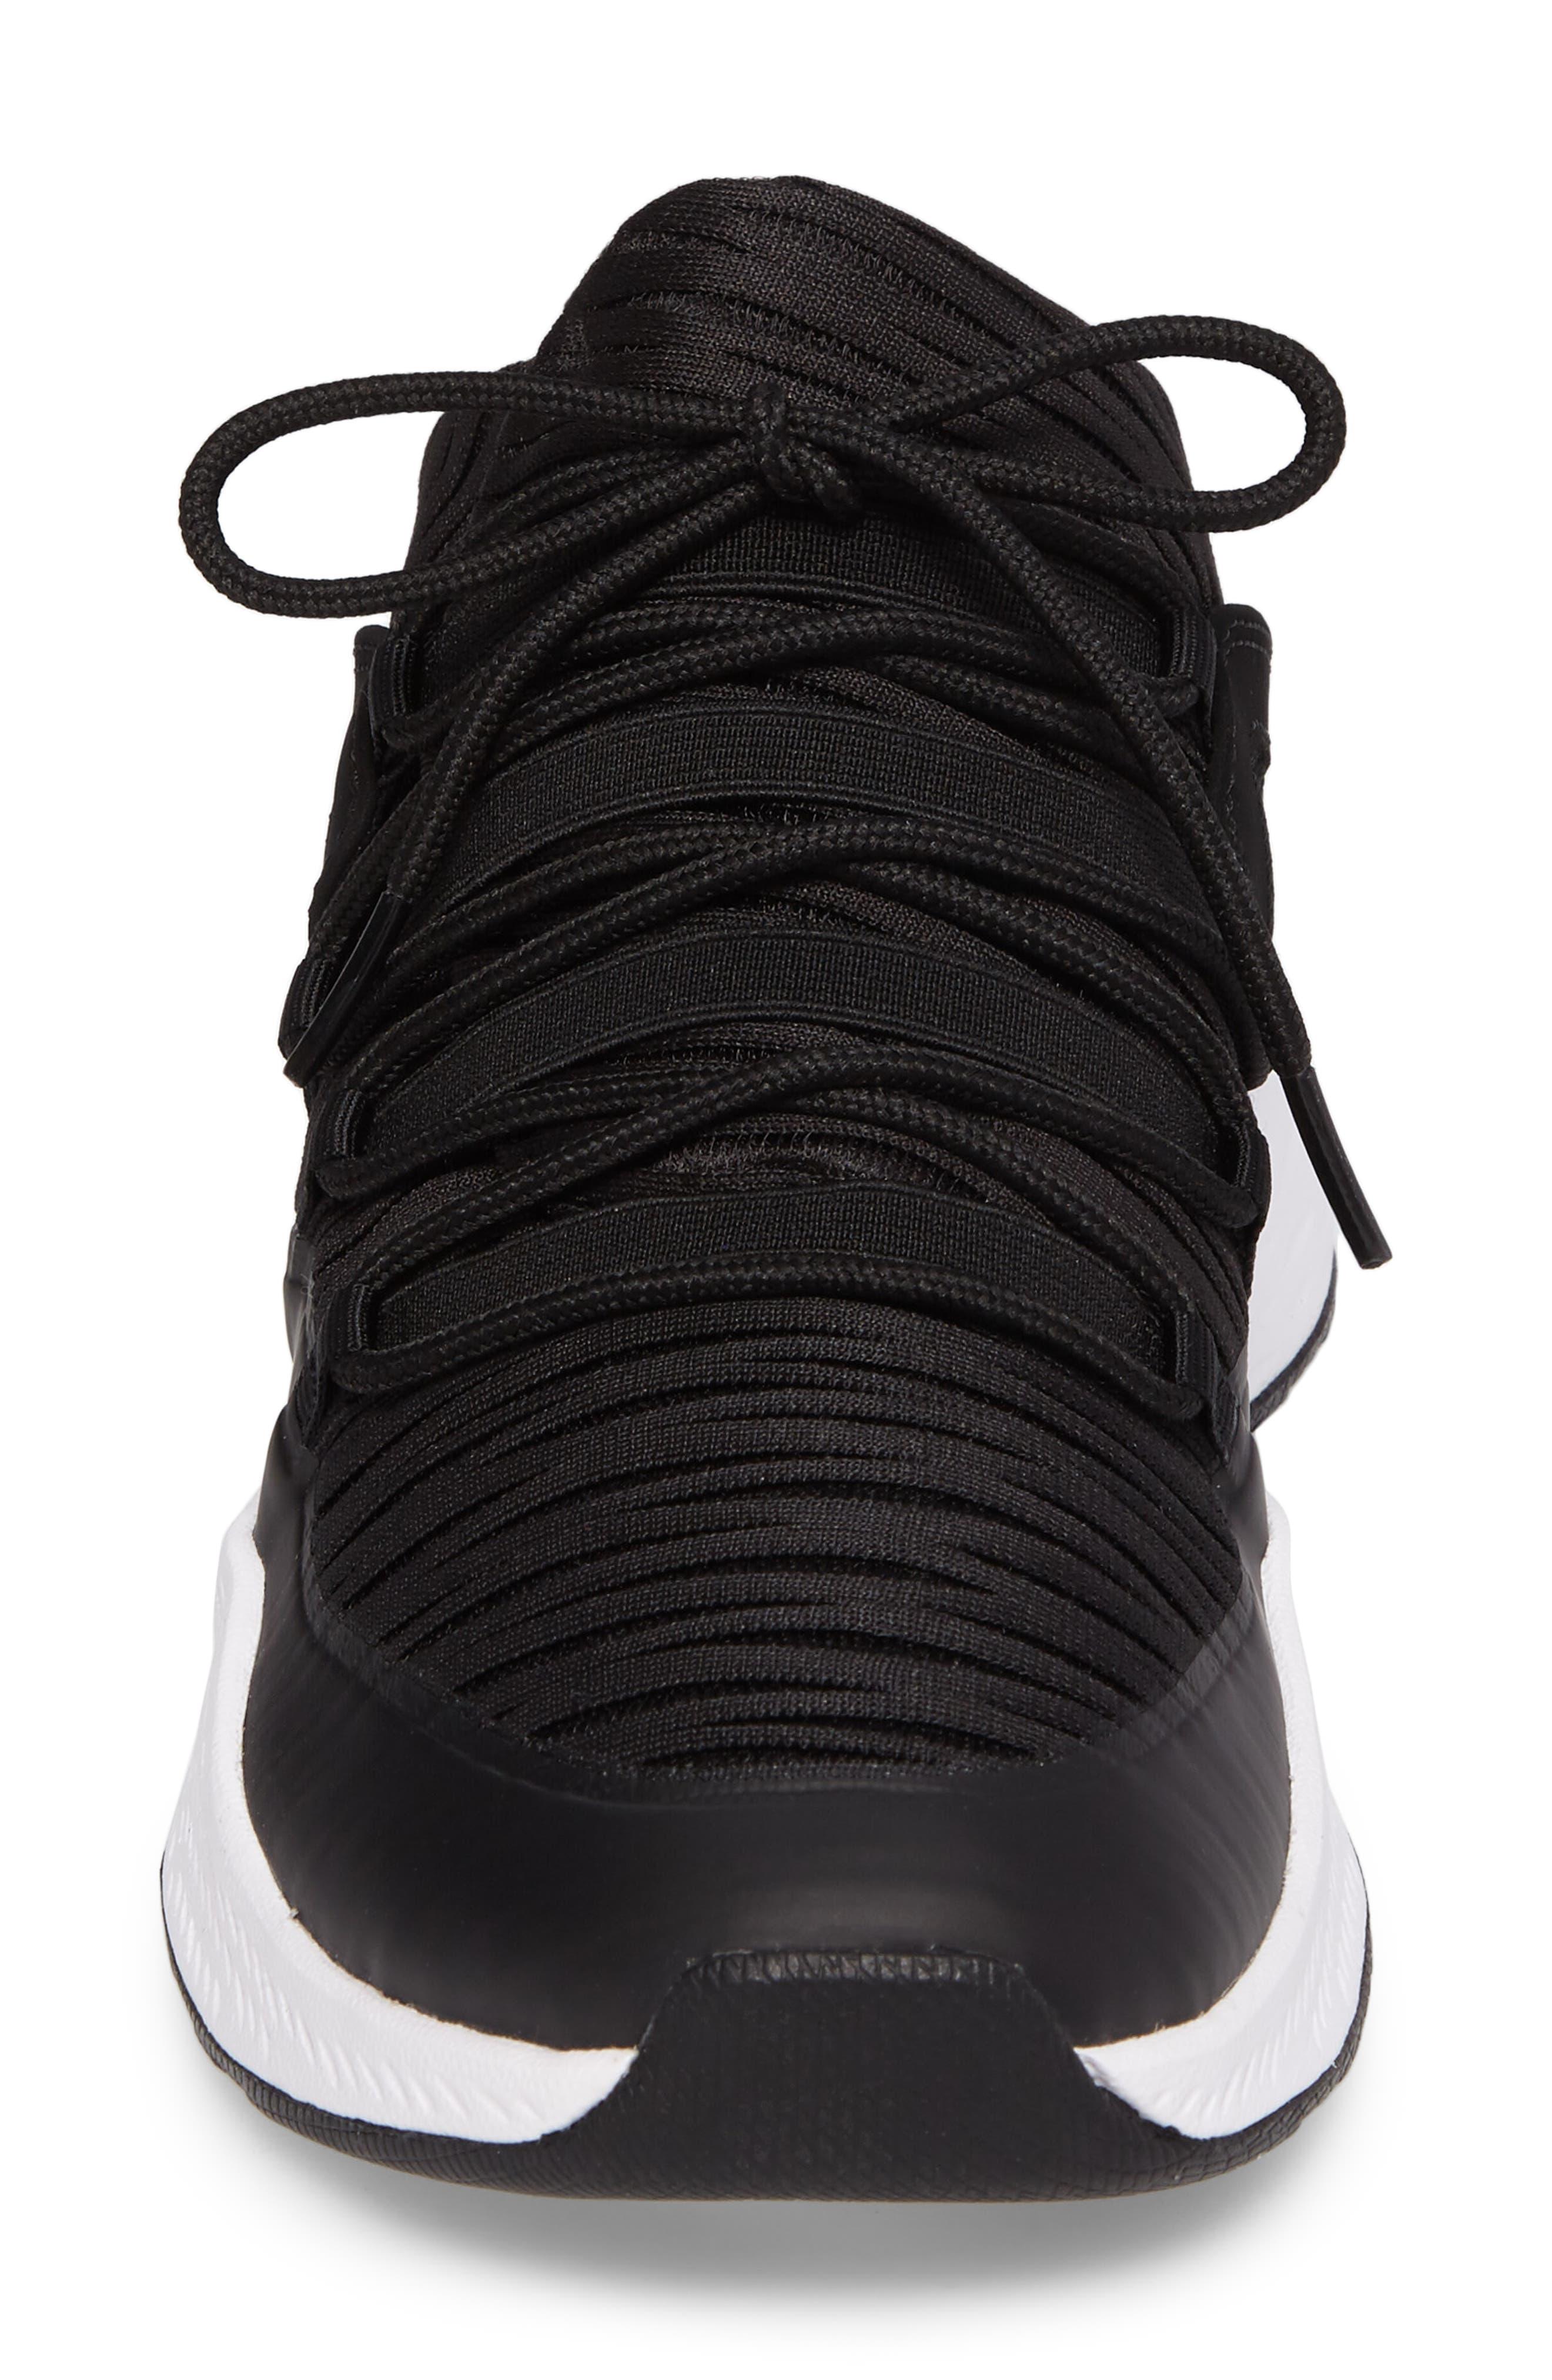 Jordan Formula 23 Low Sneaker,                             Alternate thumbnail 4, color,                             011